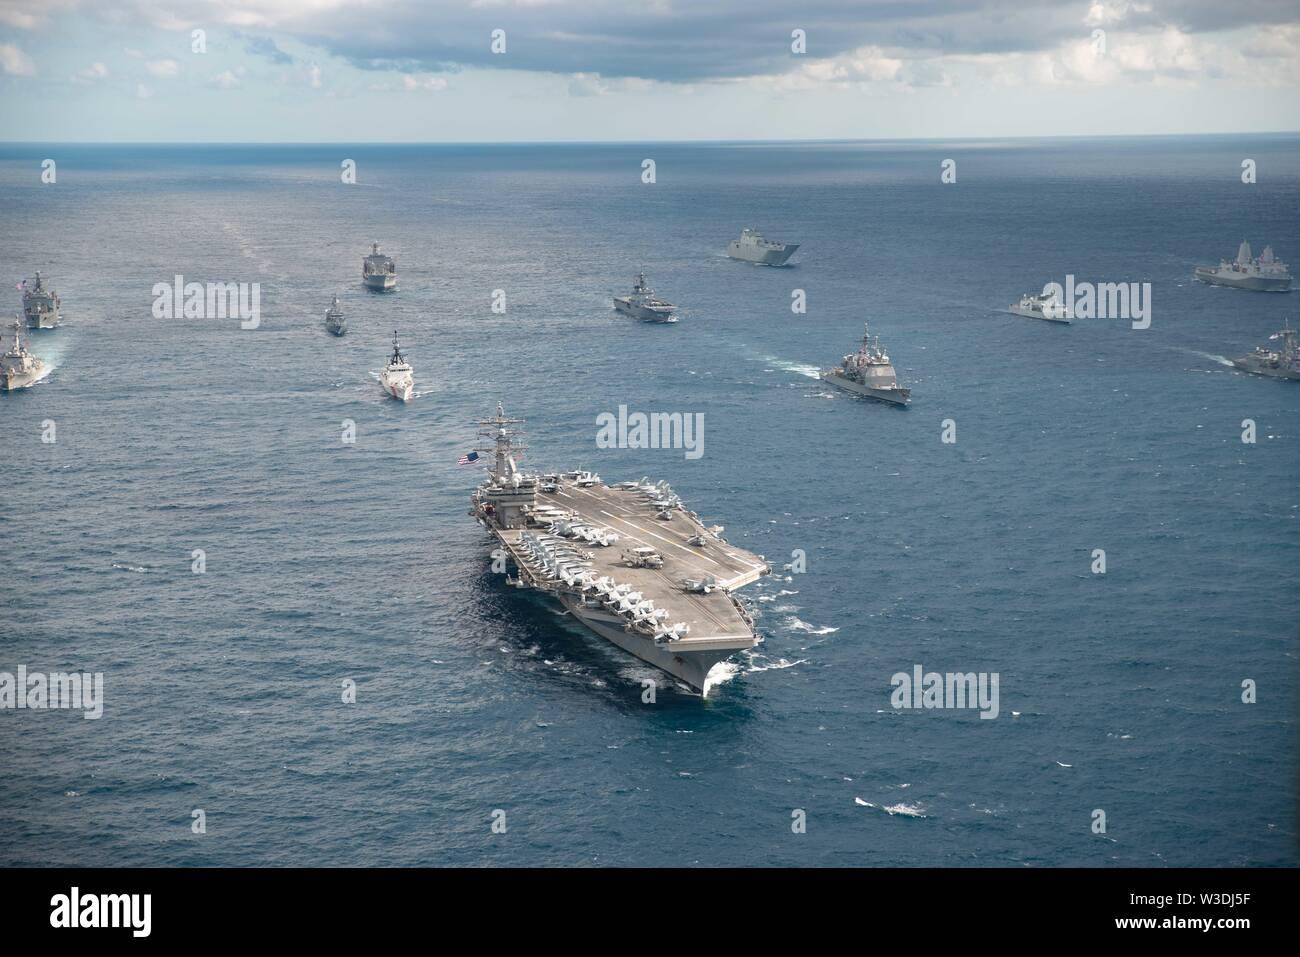 190711-N-RF 825-1213 CORAL SEA (11. Juli 2019) Die US-Marine Flugzeugträger der Nimitz-Klasse USS Ronald Reagan (CVN 76) führt eine Bildung von 17 andere Schiffe der US Navy, US Coast Guard, der Royal Australian Navy, Royal Canadian Navy und Japan Maritime Verteidigung-kraft (JMSDF) während der Talisman Sabre 2019. Talisman Sabre 2019 zeigt die Nähe des australischen und US-amerikanischen Allianz und die Stärke der militärischen Beziehung. Dies ist der achte Iteration dieser Übung. (U.S. Marine Foto von Mass Communication Specialist 3. Klasse Jason Tarleton/Freigegeben) Stockbild